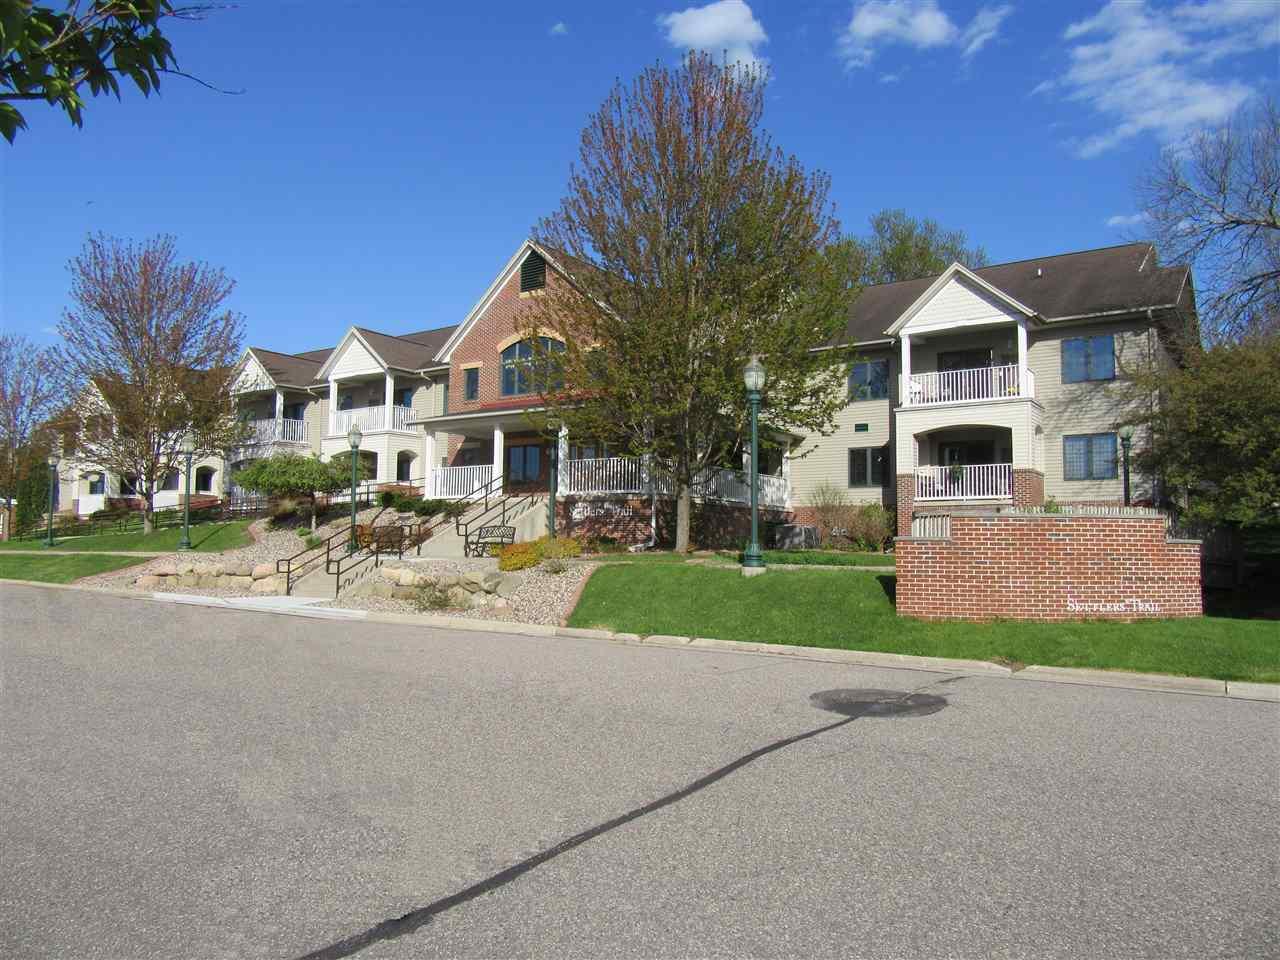 600 Clark St, Lodi, Wisconsin 53555, 2 Bedrooms Bedrooms, ,Rental,For Sale,Clark St,1891185